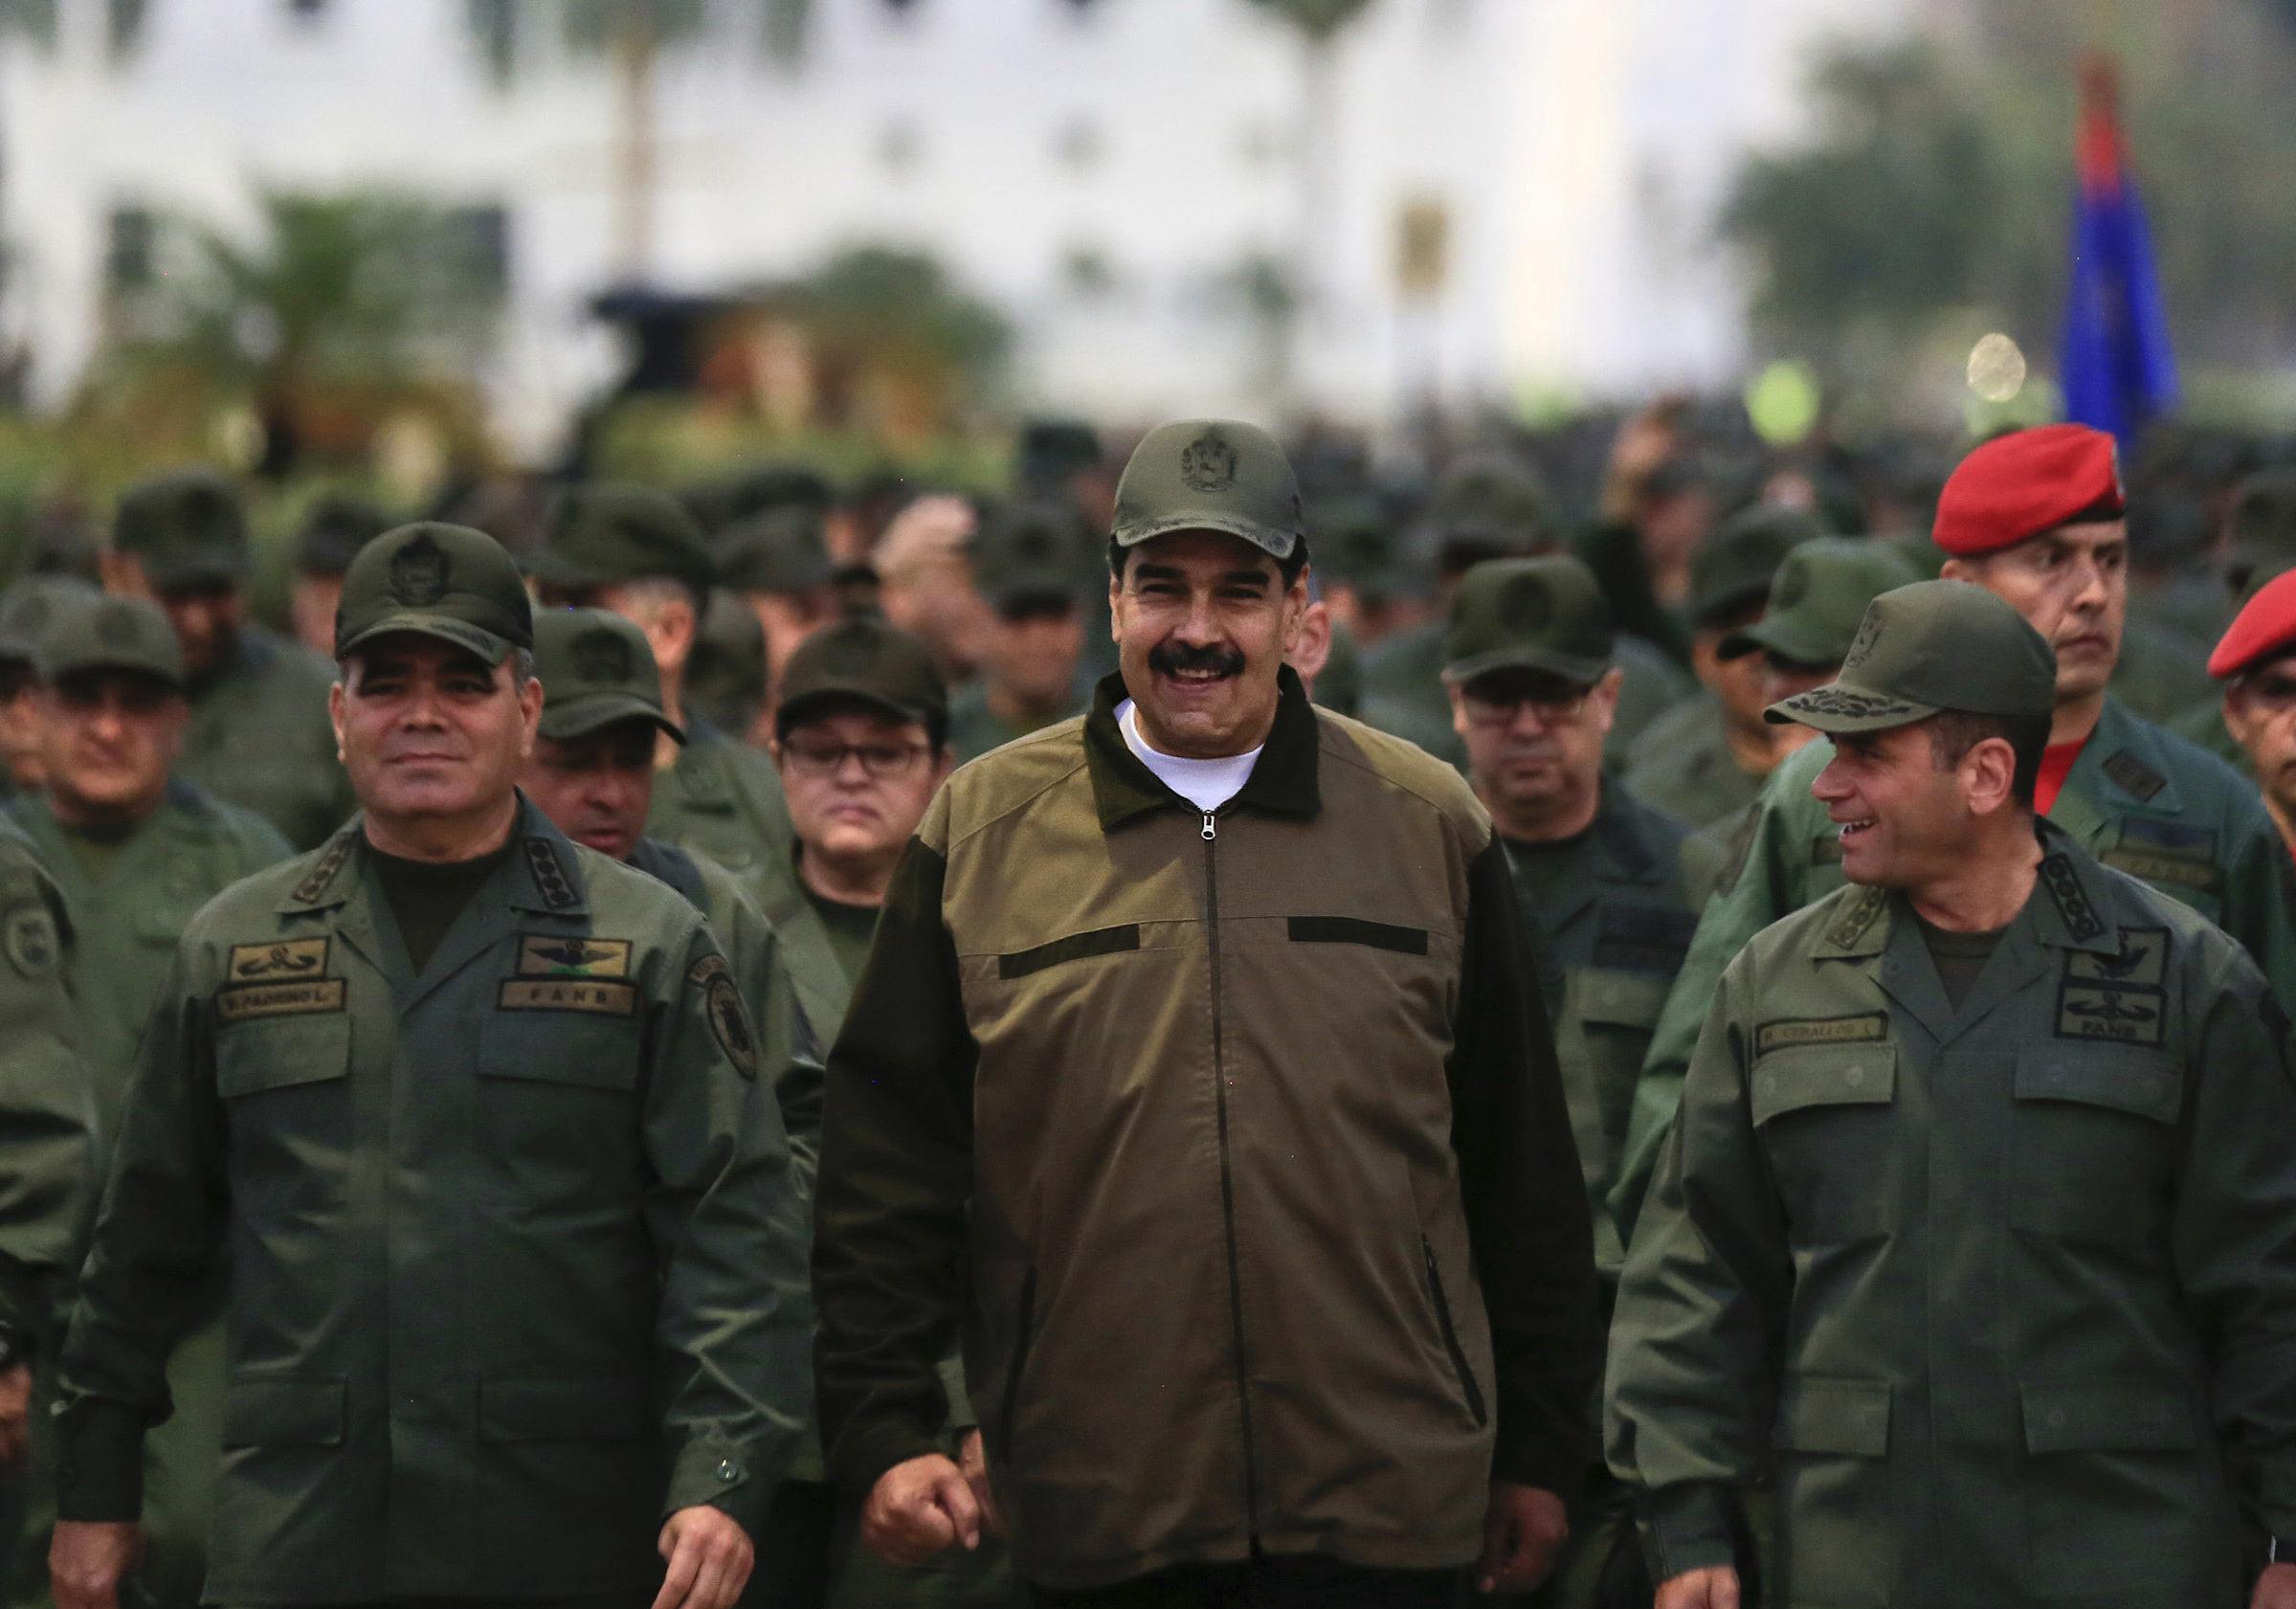 O presidente da Venezuela, Nicolás Maduro, acompanhado pelo ministro da Defesa, general Vladimir Padrino Lopez e pelo comandante das Operações Estratégicas, almirante Remigio Ceballos, chegam para um encontro com as tropas de Fort Tiuna, em Caracas.